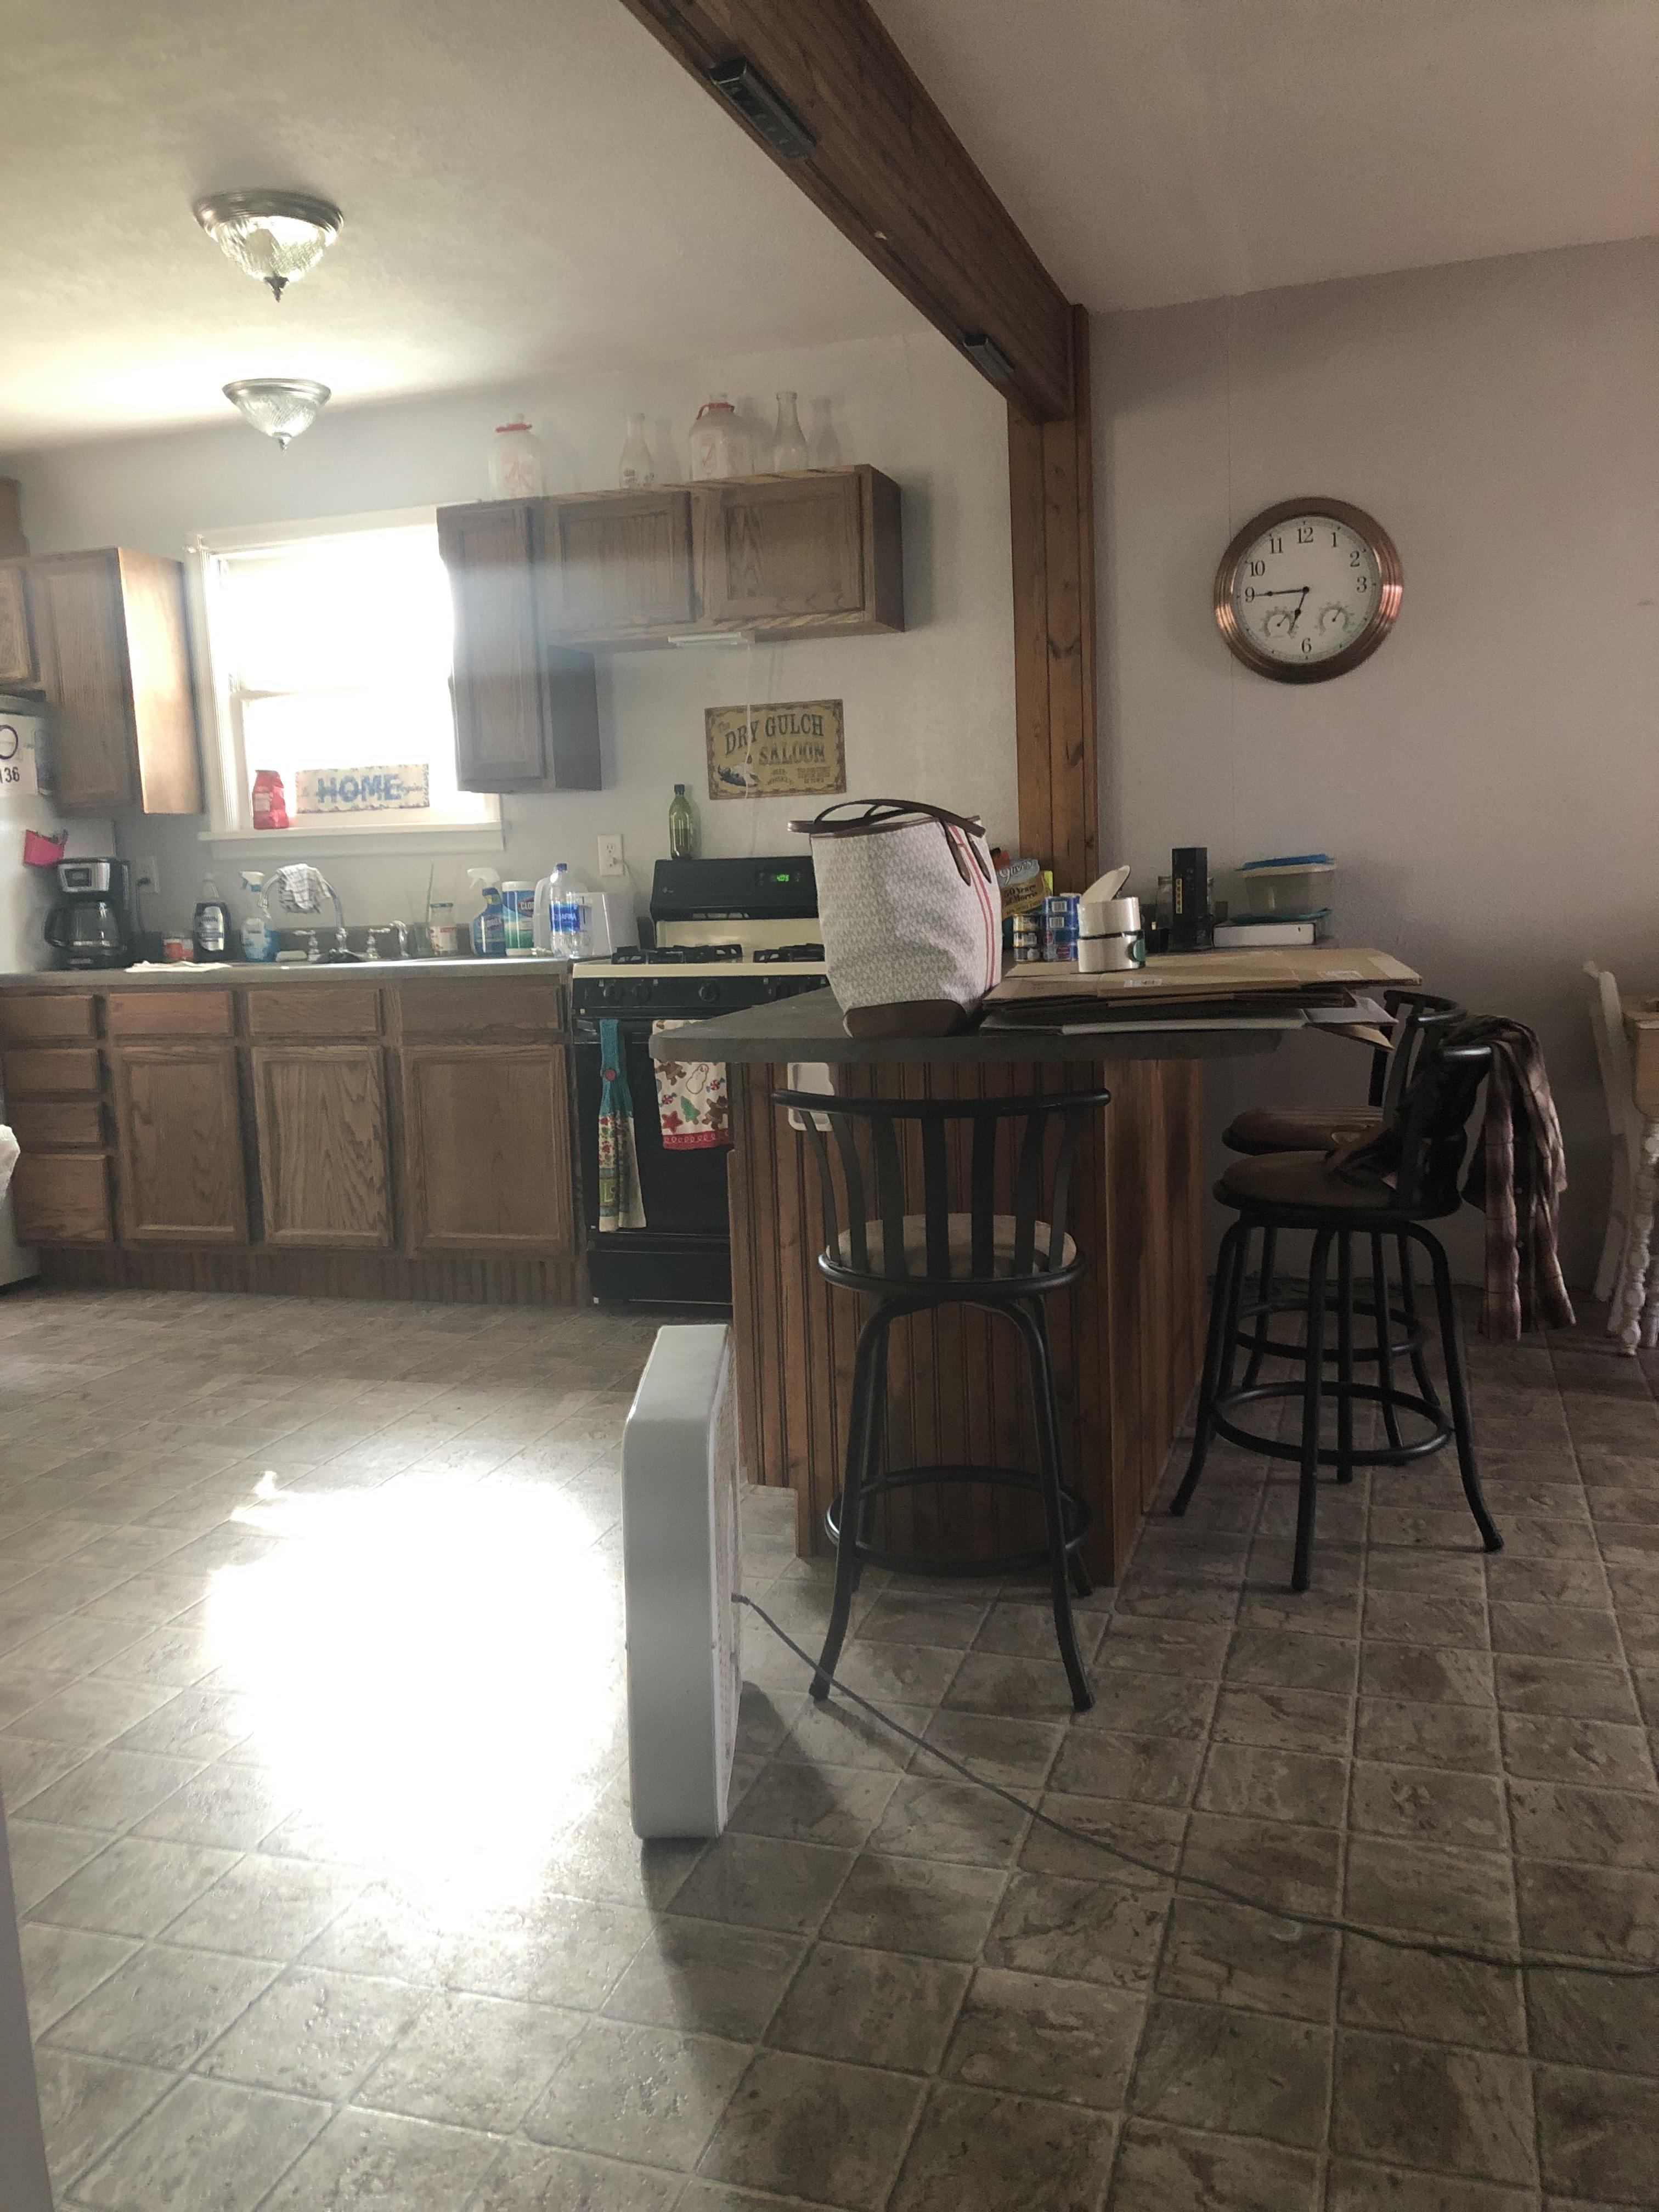 808_park_kitchen_and_nook.jpg